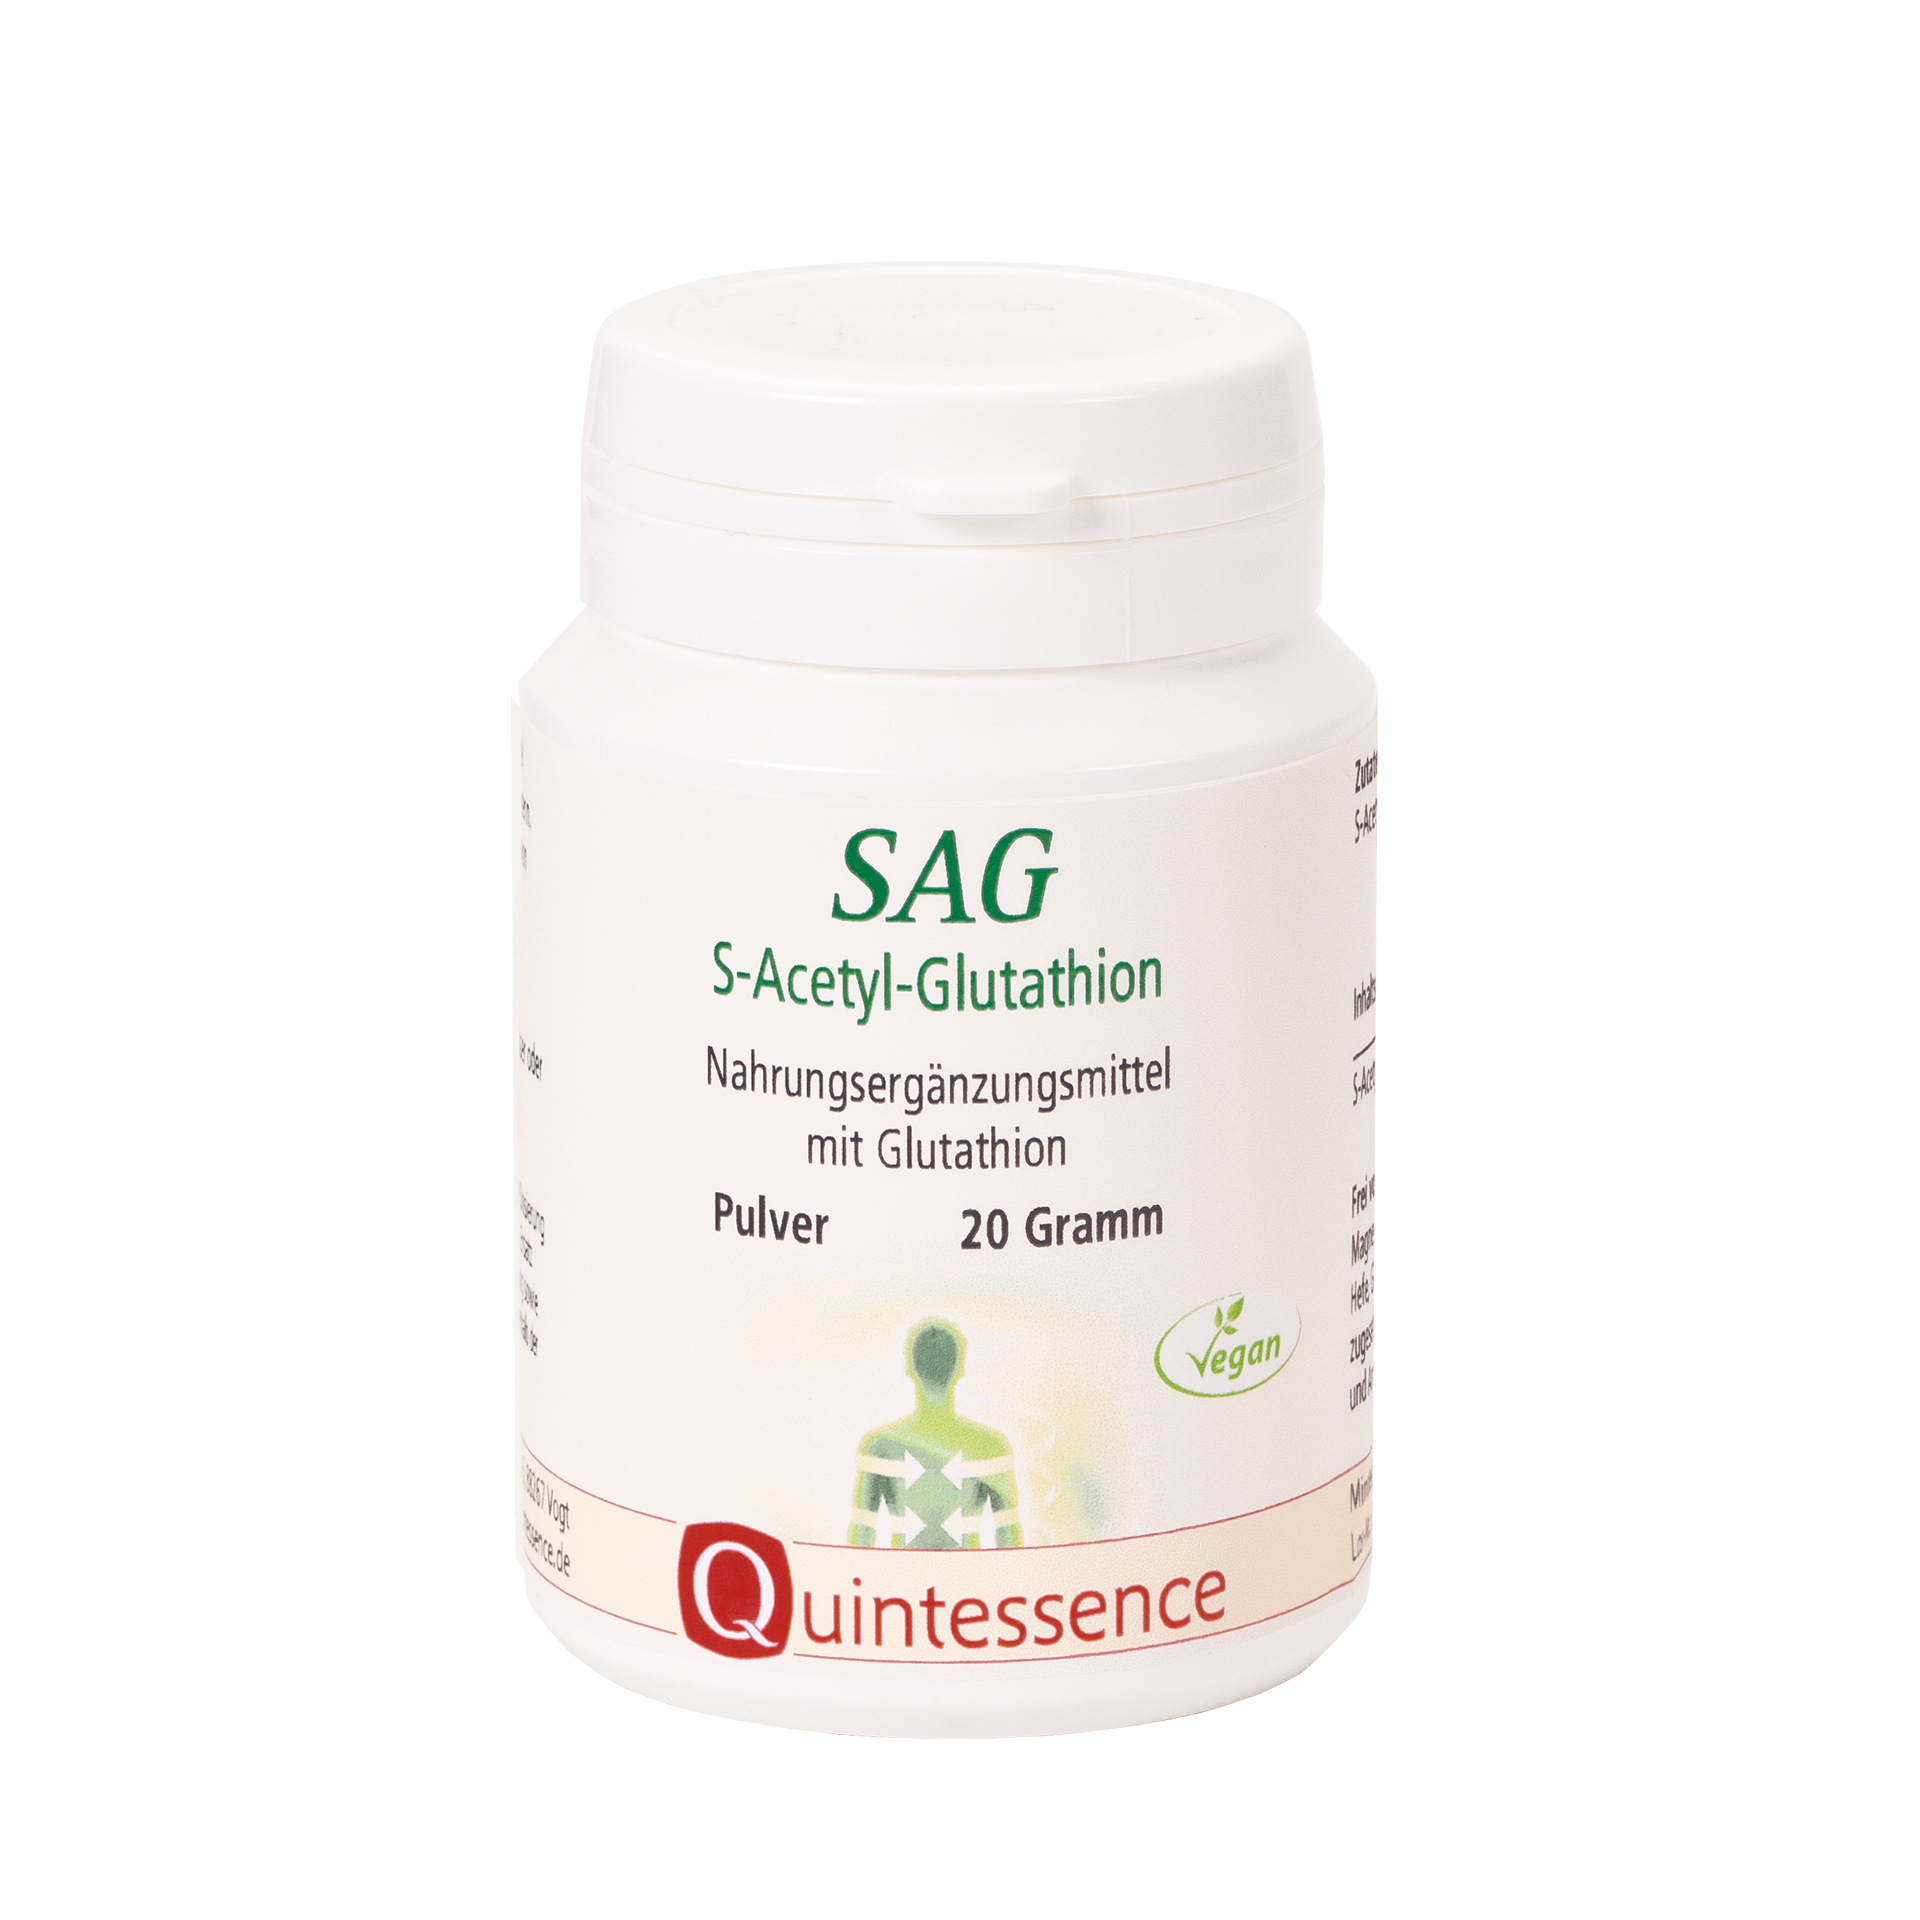 SAG S-Acetyl-Glutathion, 20 g Pulver